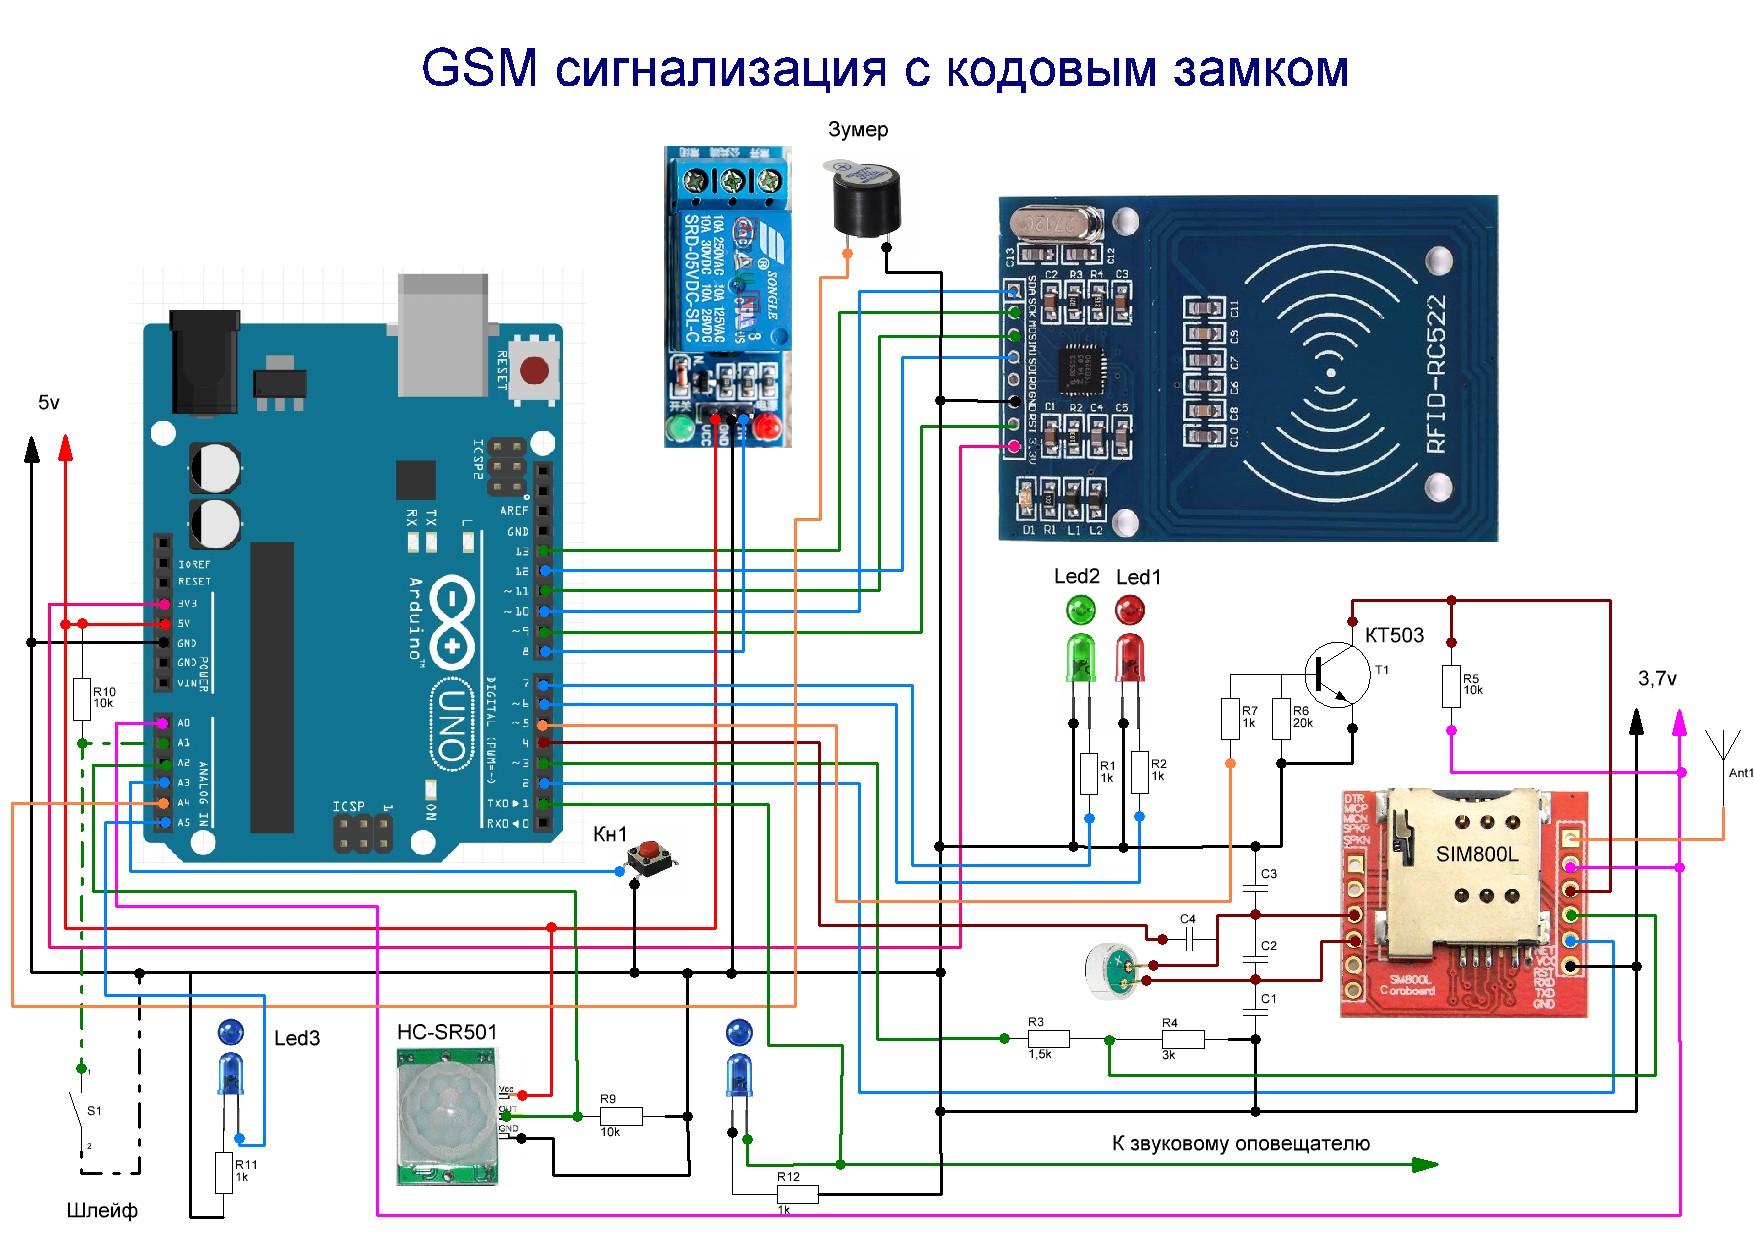 Gsm сигнализация своими руками arduino